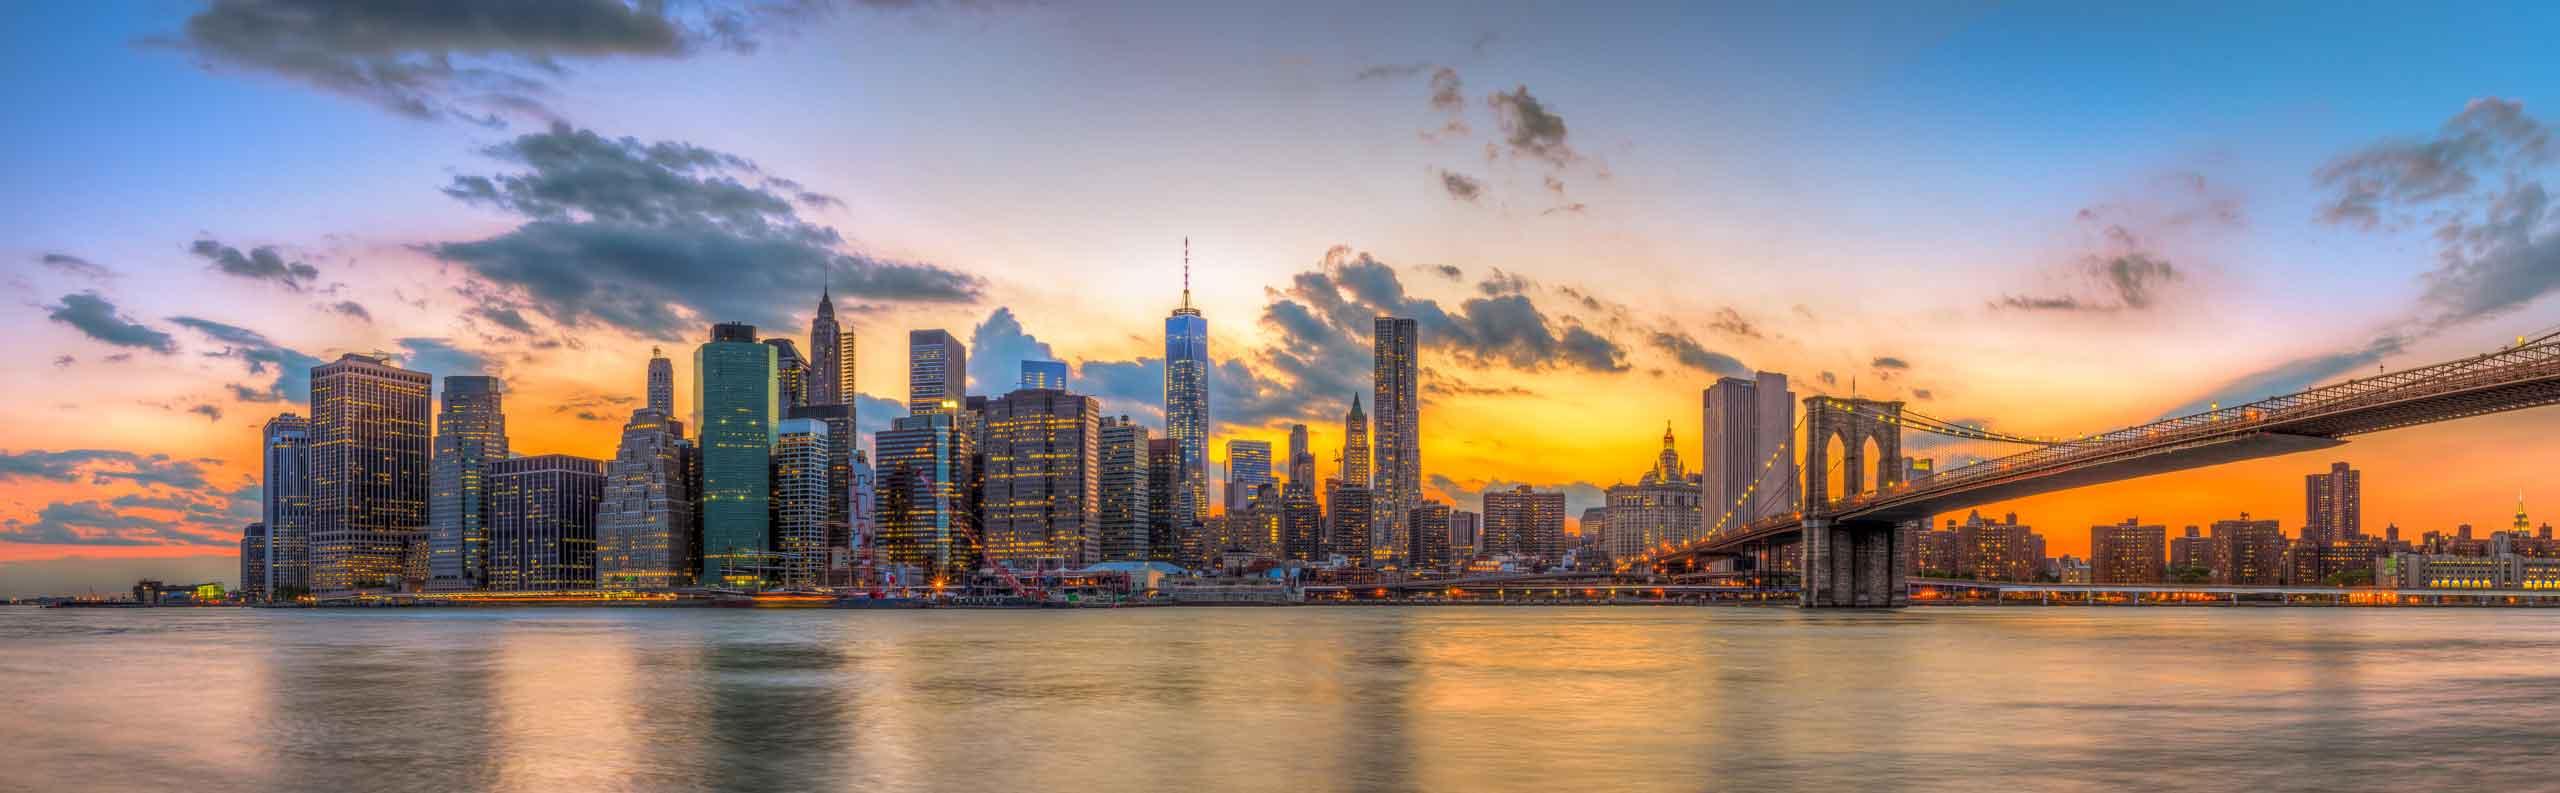 Skyline_USA